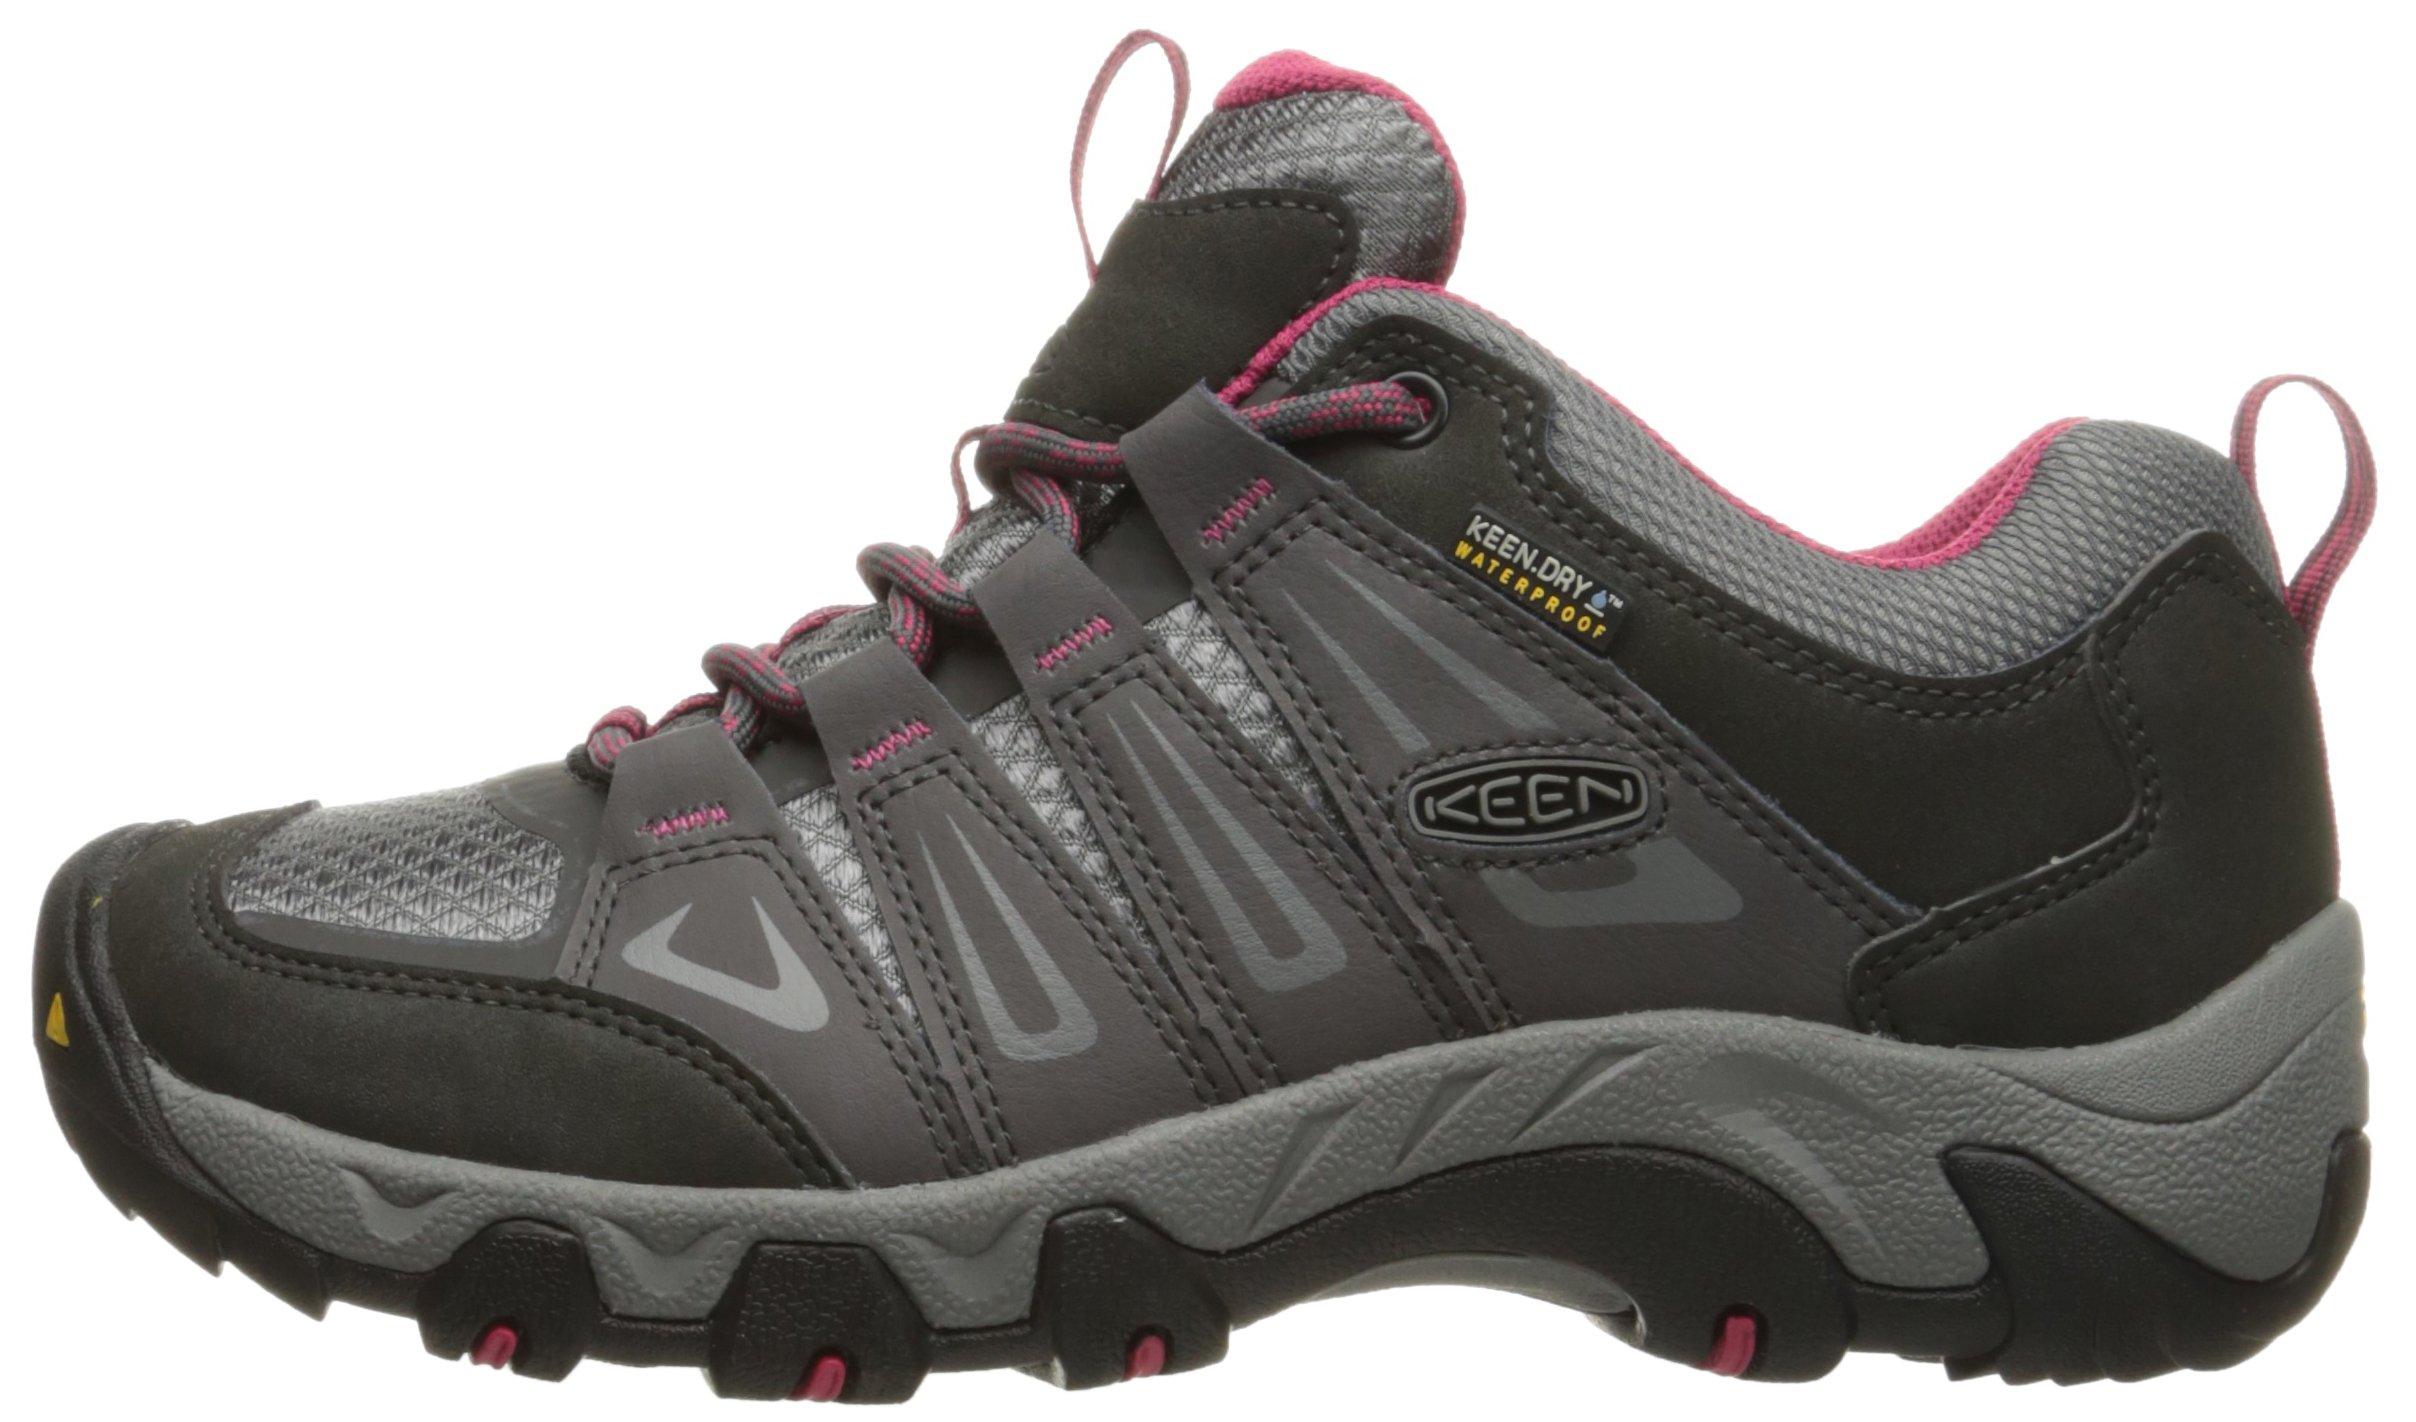 KEEN Women's Oakridge Wp Low Rise Hiking Shoes 5